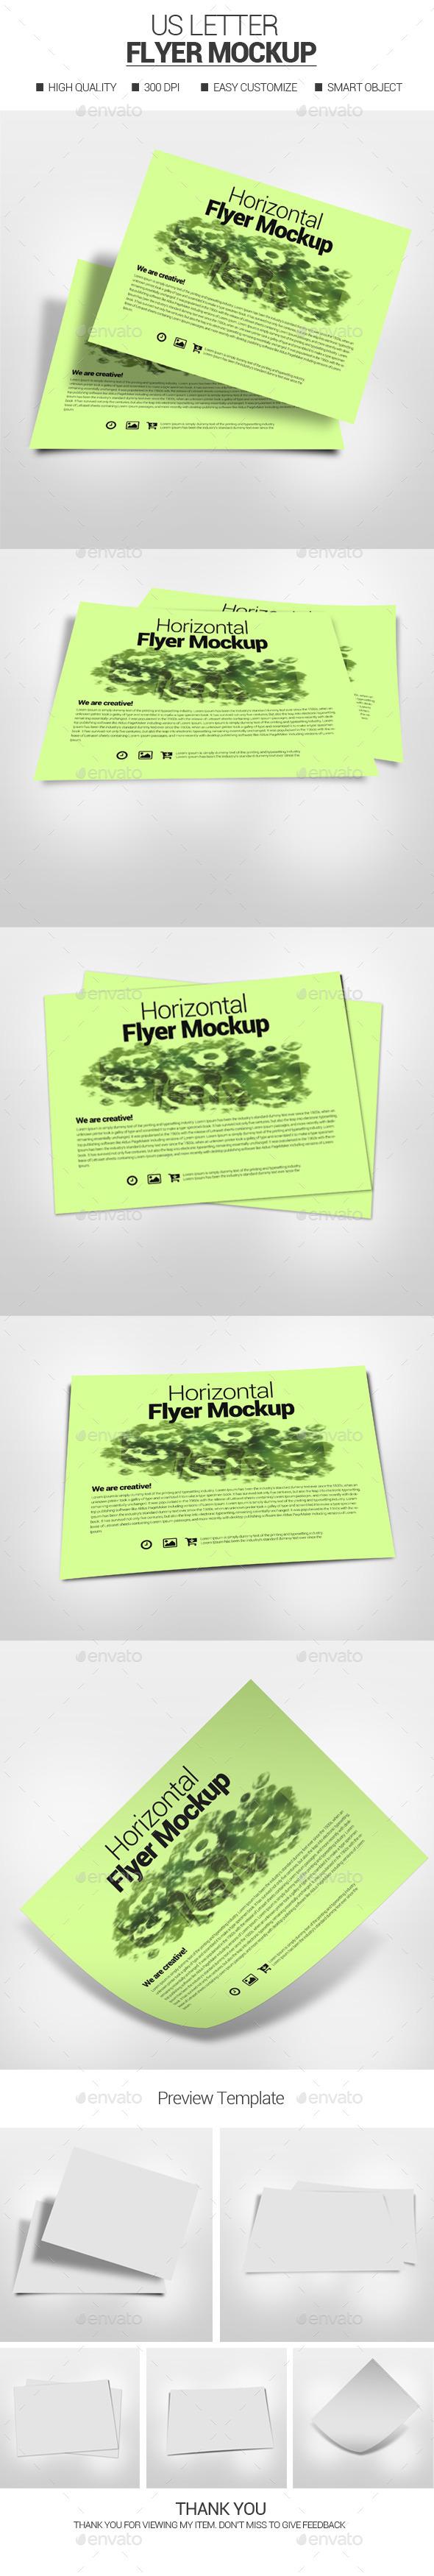 Horizontal Flyer Mockup